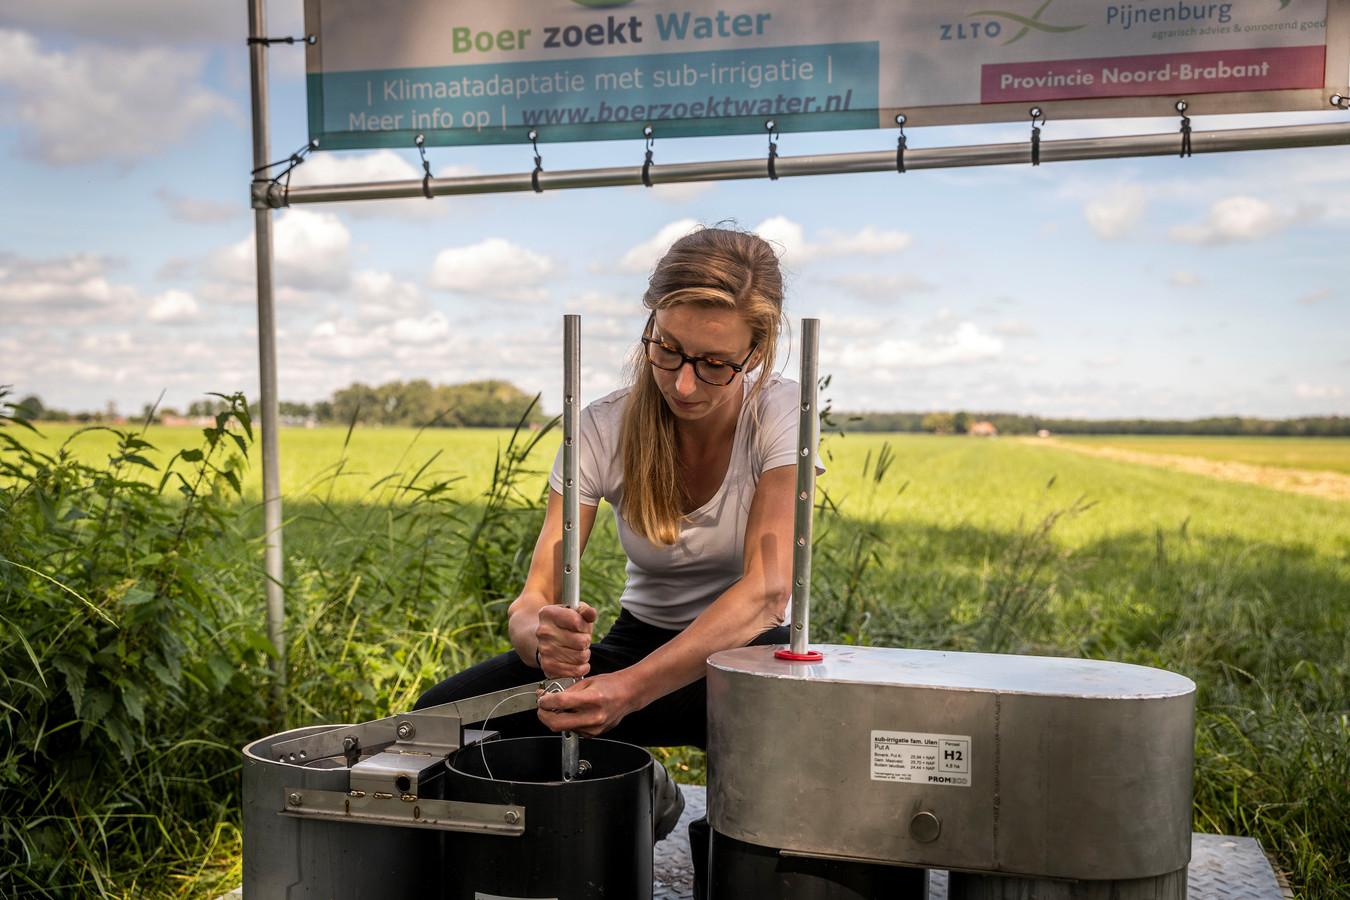 Boerin Jacqueline Ulen bestrijdt op haar land in Asten-Heusden de droogte met een sub-irrigatiesysteem.